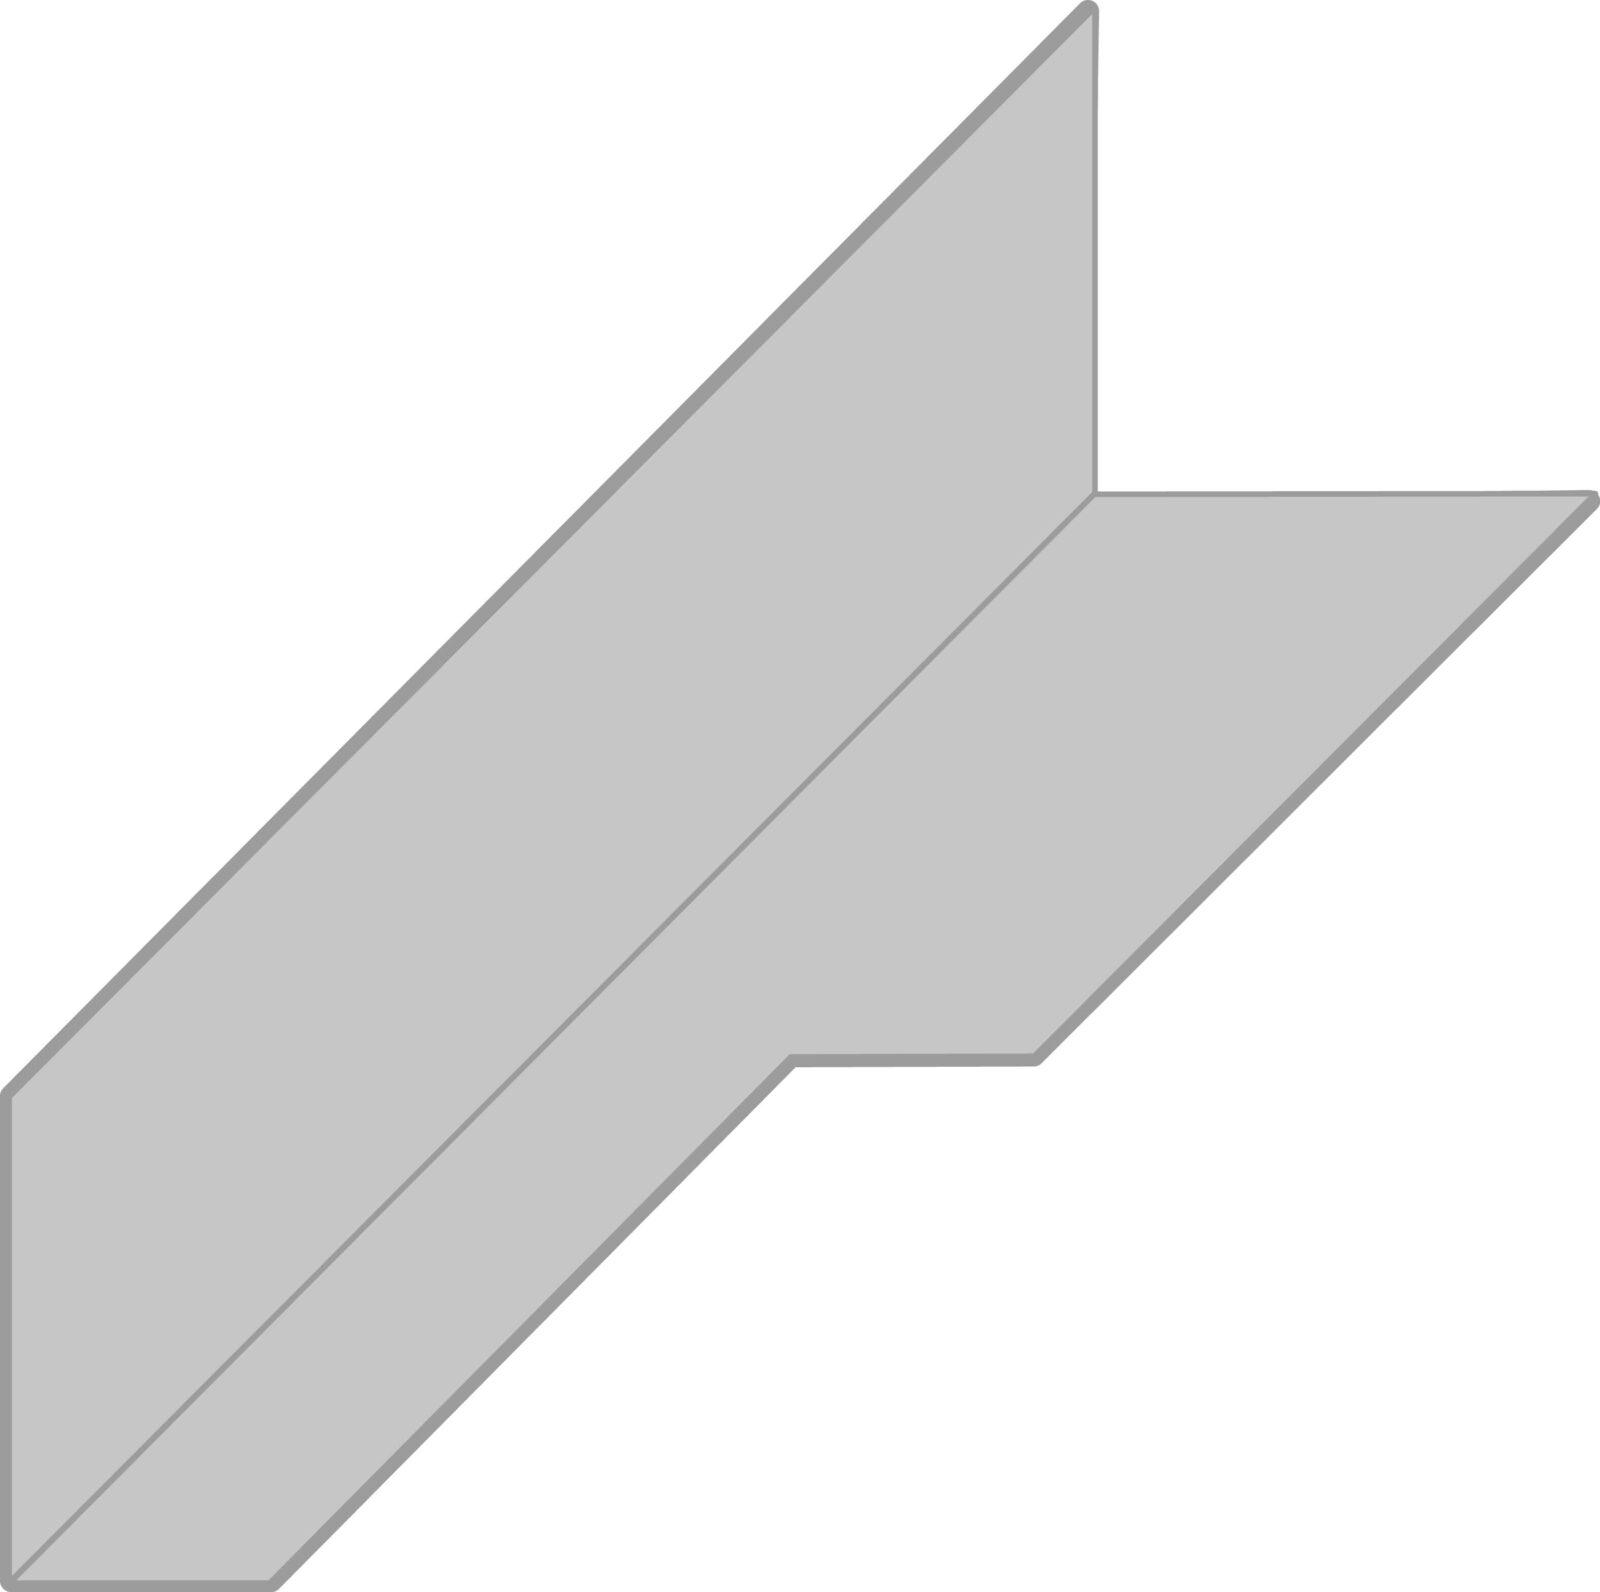 Modelo Angulo Con Mecanizados, Cortes y Fresados